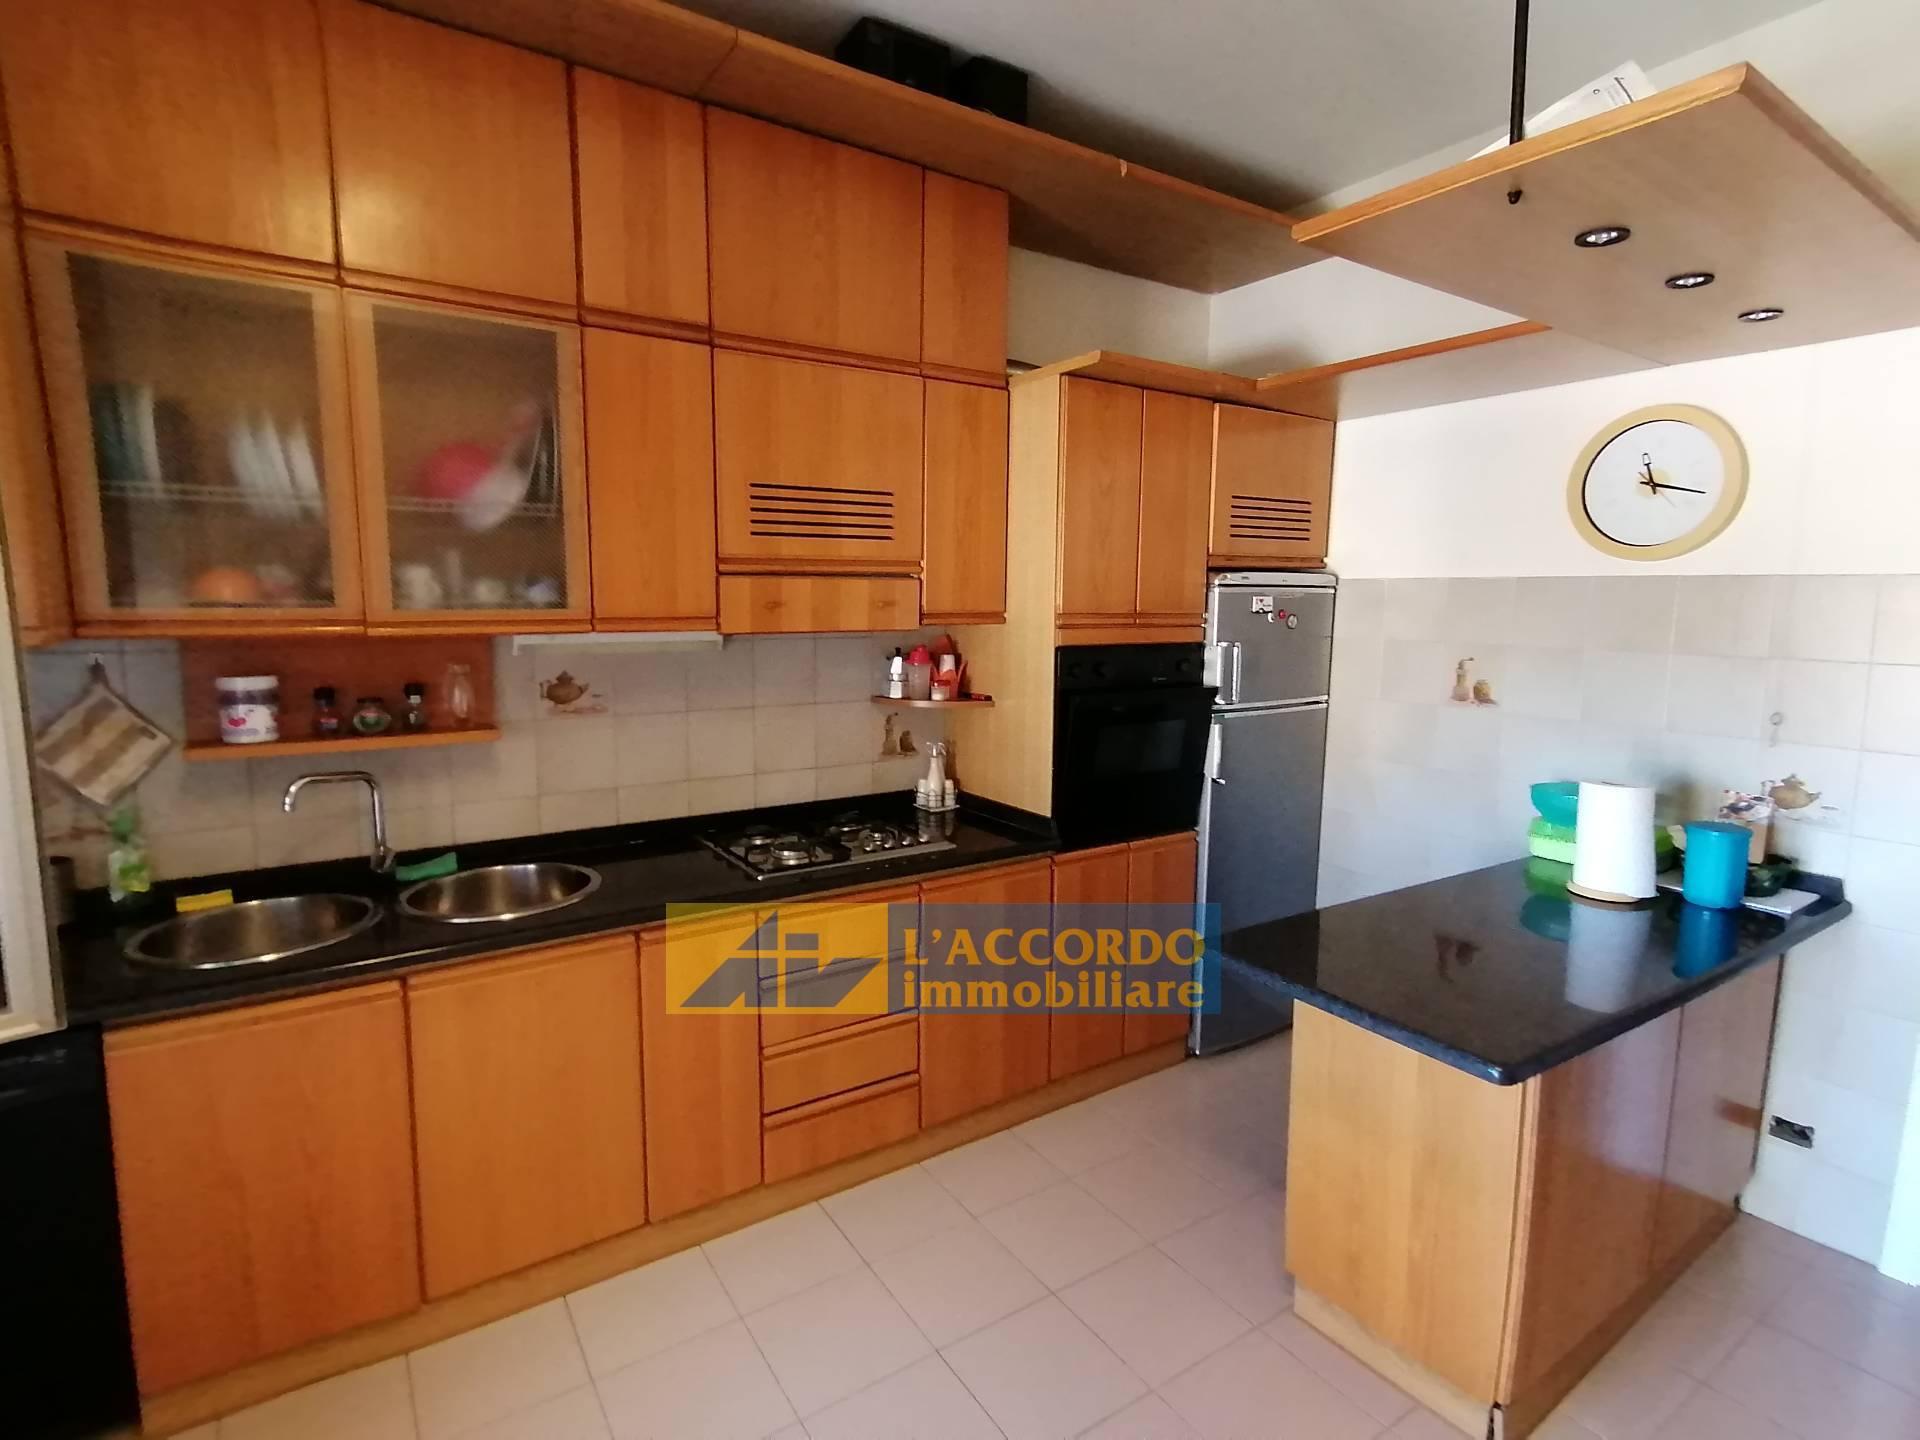 Appartamento in vendita a Chieti Scalo, Chieti (CH)